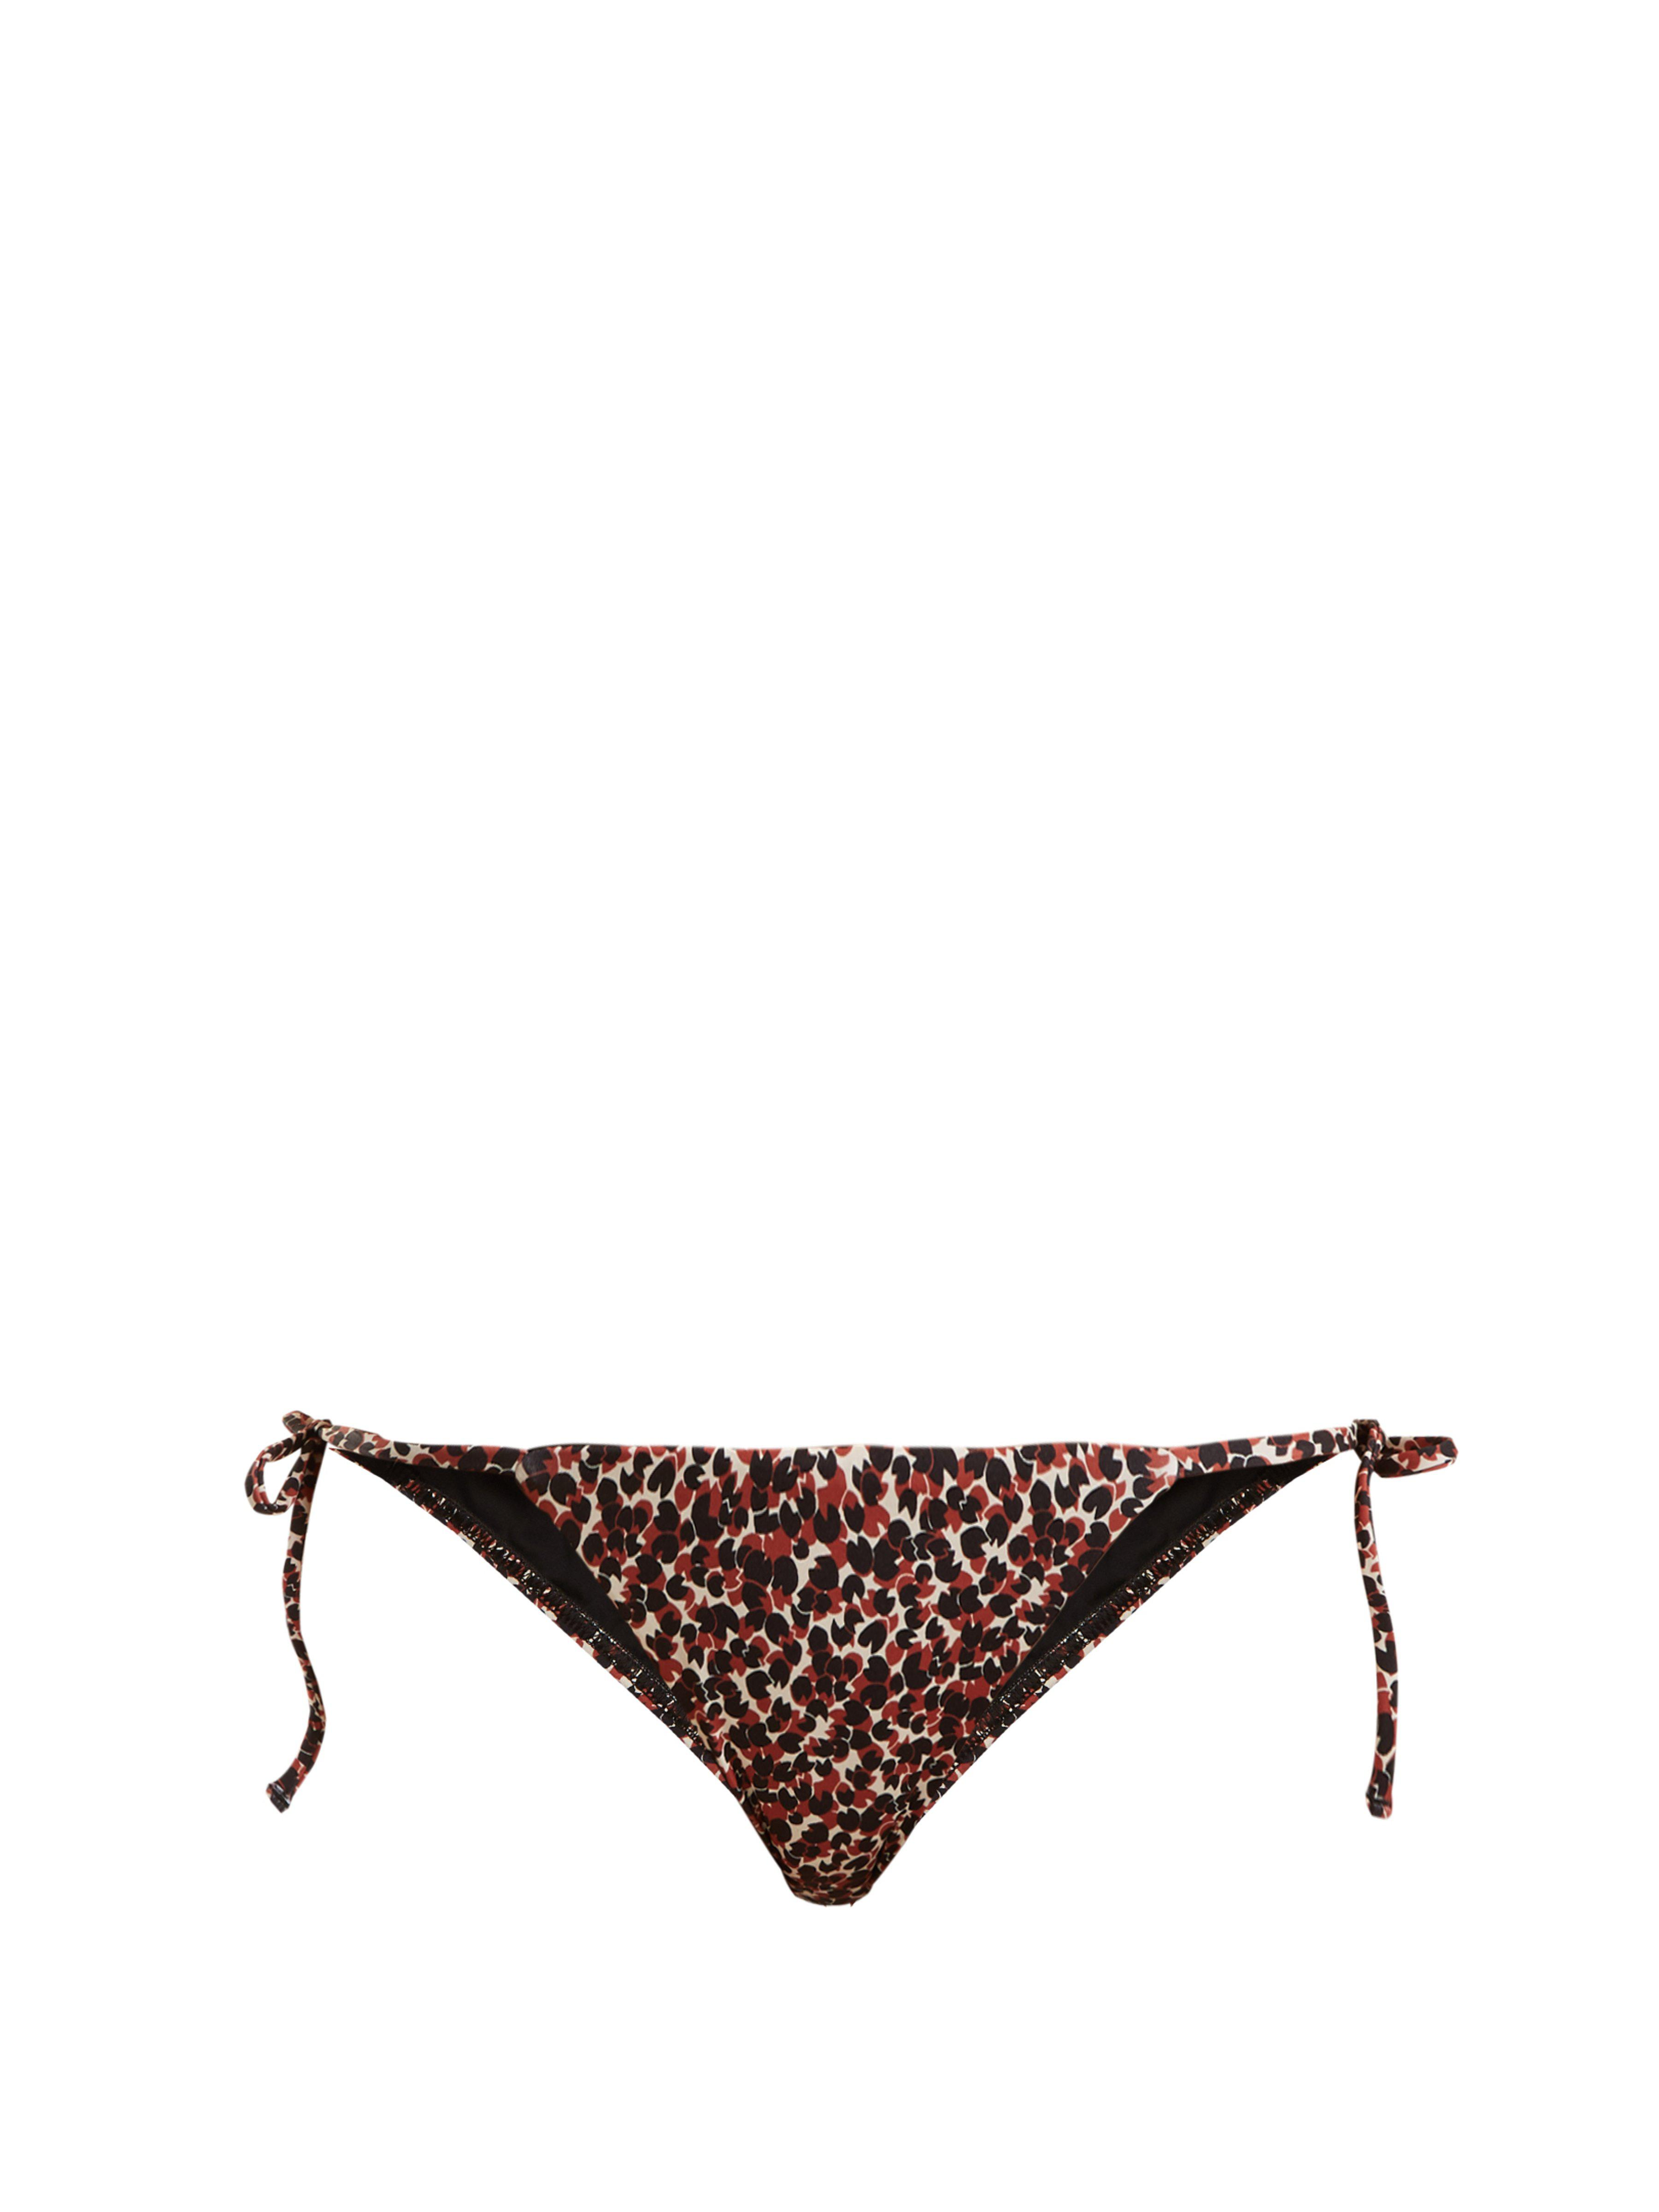 18bb4b9179ce Matteau The String Bikini Briefs in Brown - Lyst